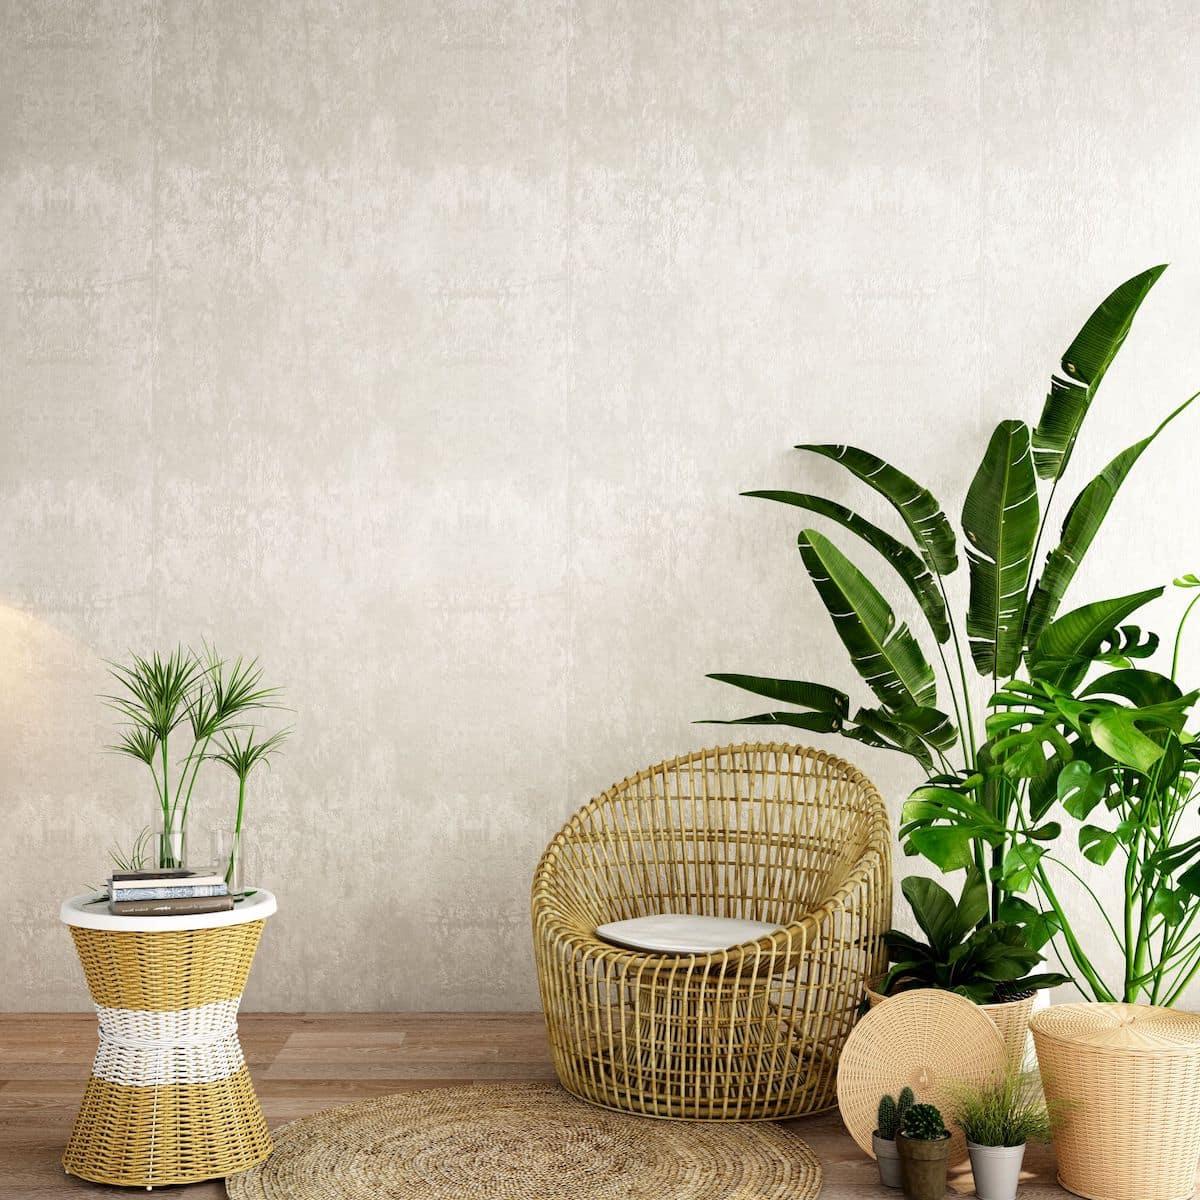 комнатные растения в интерьере фото 47